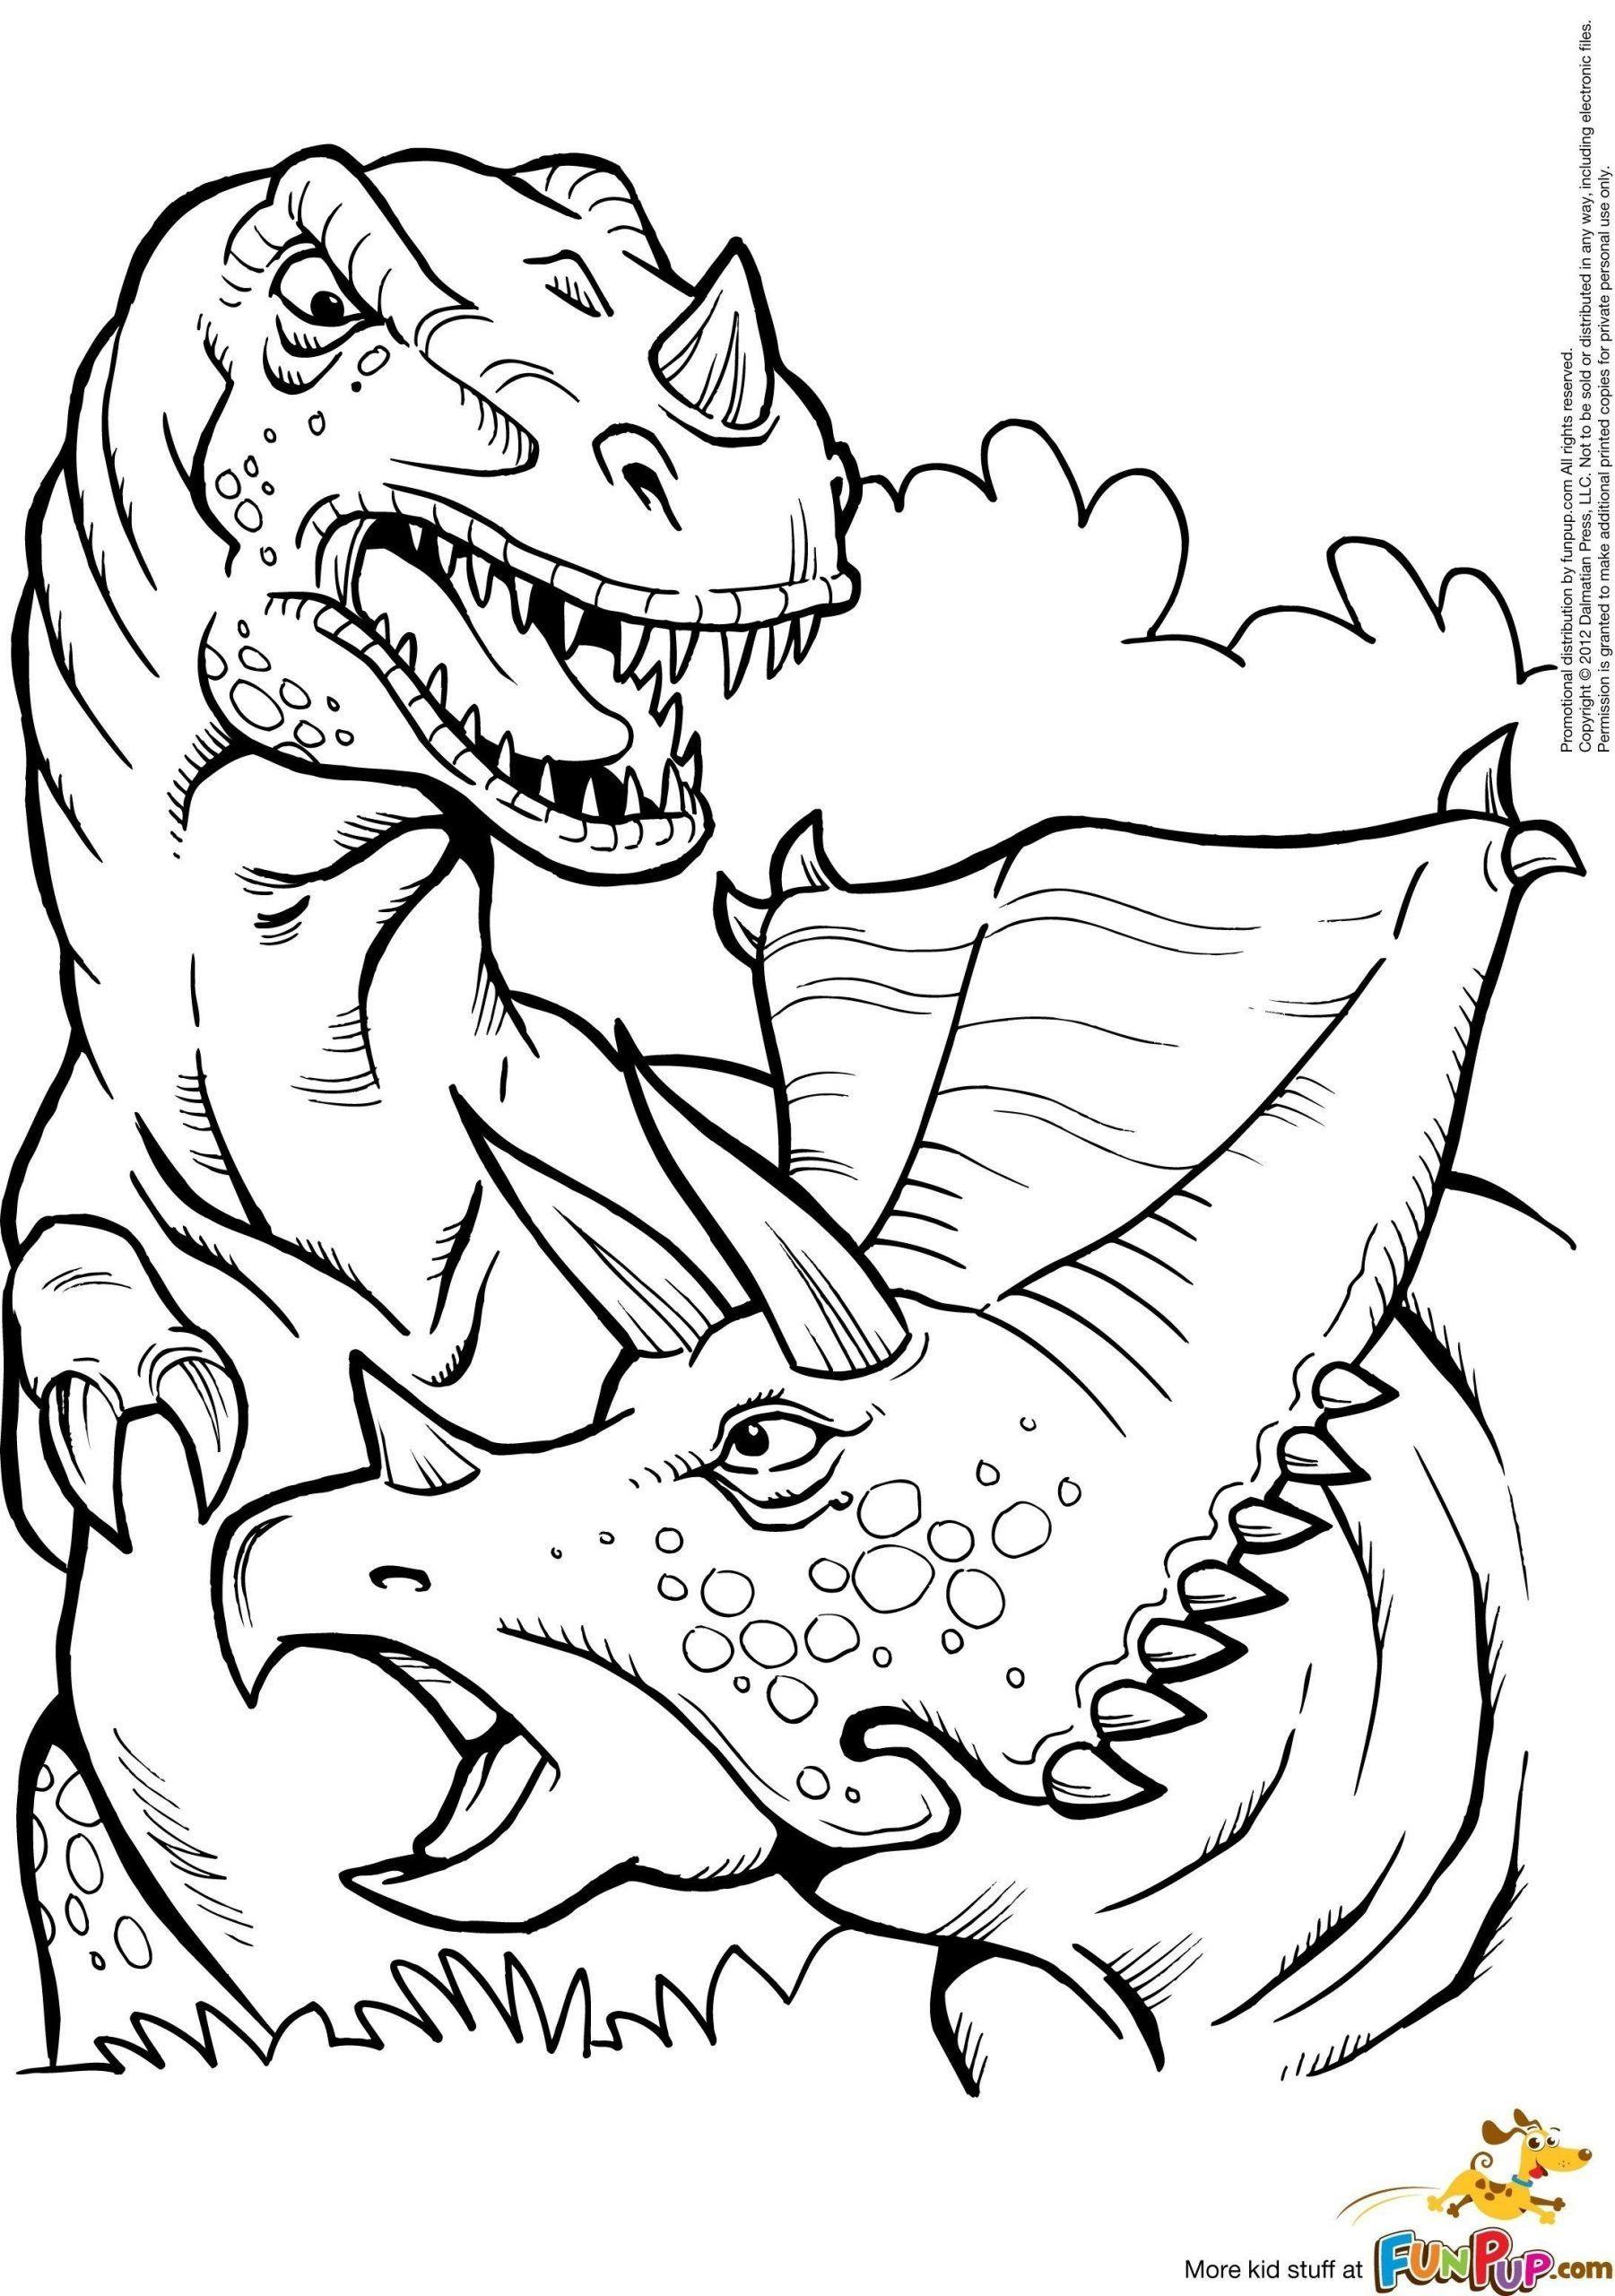 Malvorlagen T Rex   Dinosaurier zum ausmalen, Dinosaurier ...